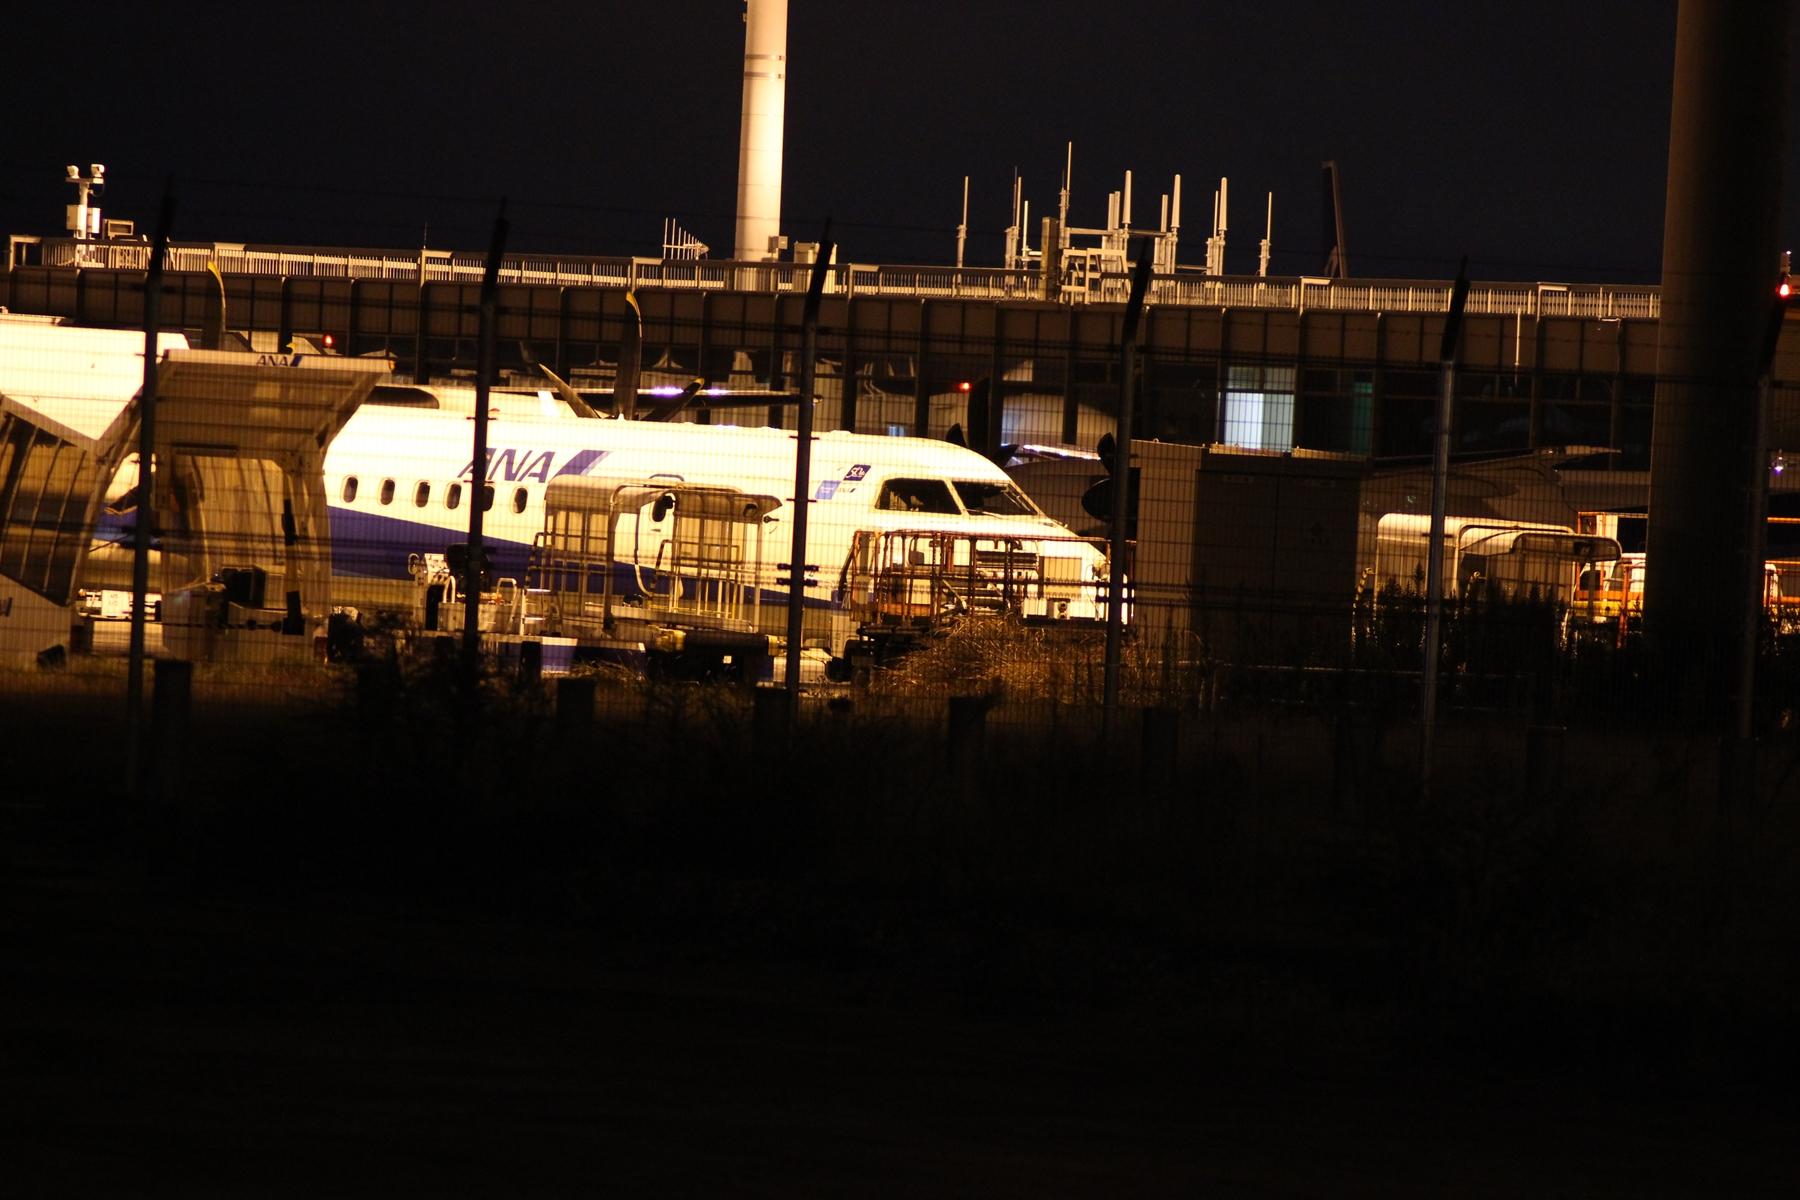 夜更けに大阪空港